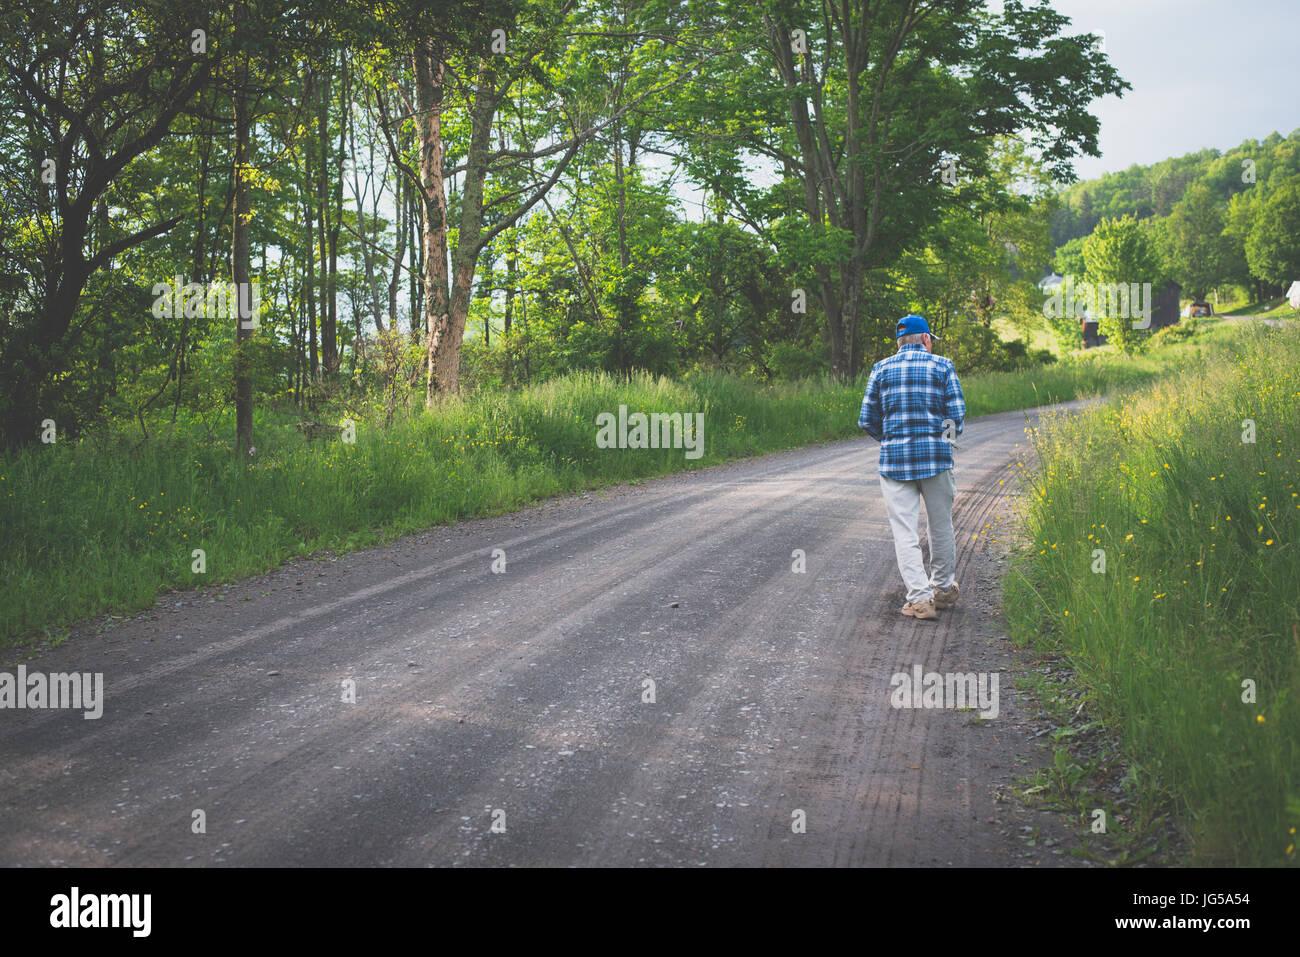 Un vieux homme marche seul sur une route de campagne. Photo Stock